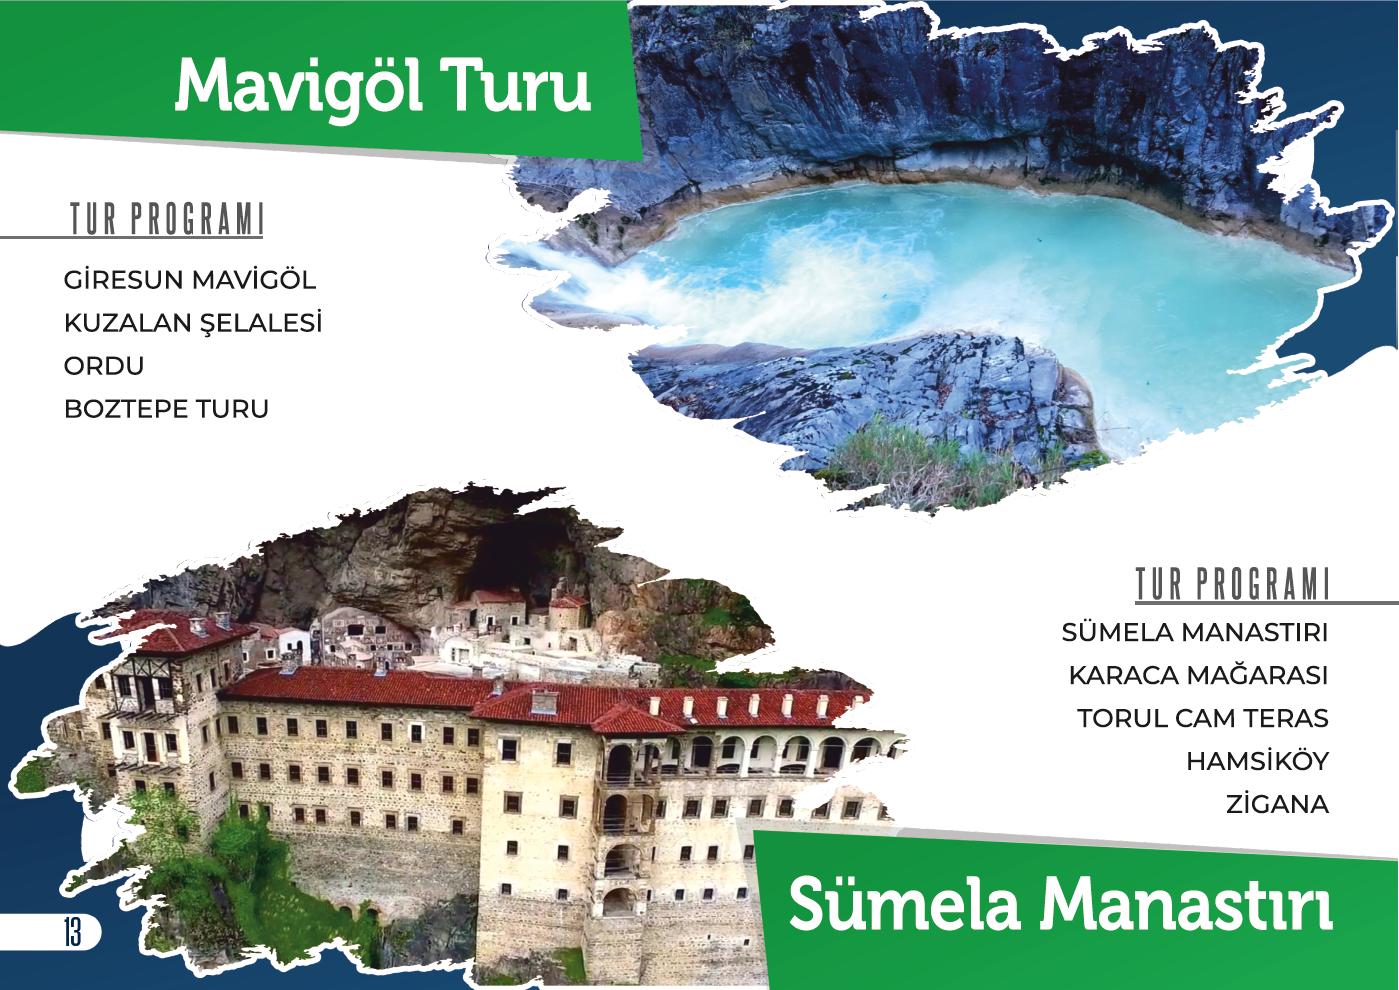 Mavigöl / Sümela Manastırı